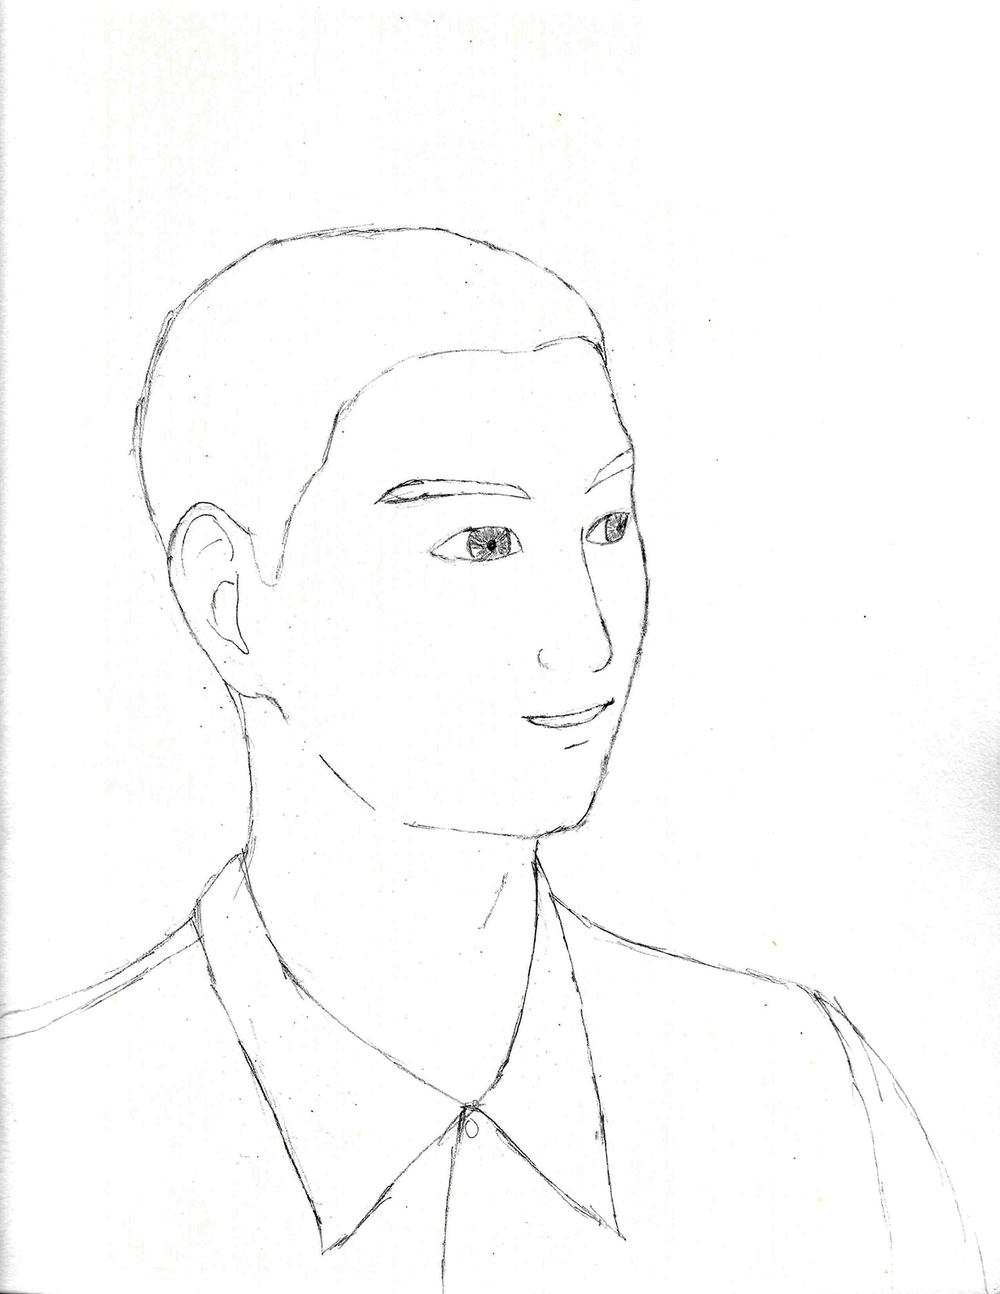 sketch-06.jpg